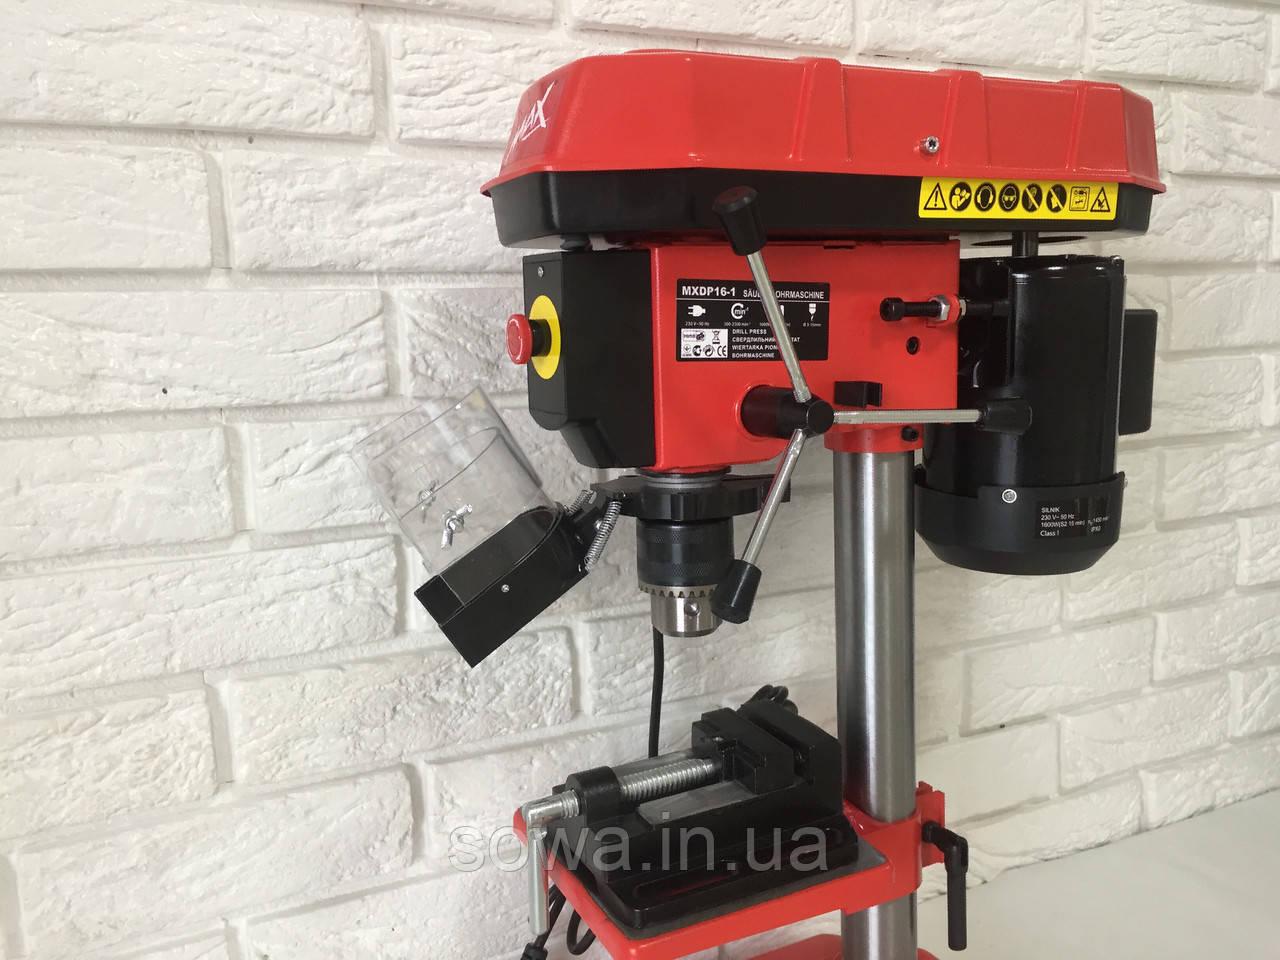 ✔️ Сверлильный станок MAX MXDP-16-1   5 скоростей, 1600W